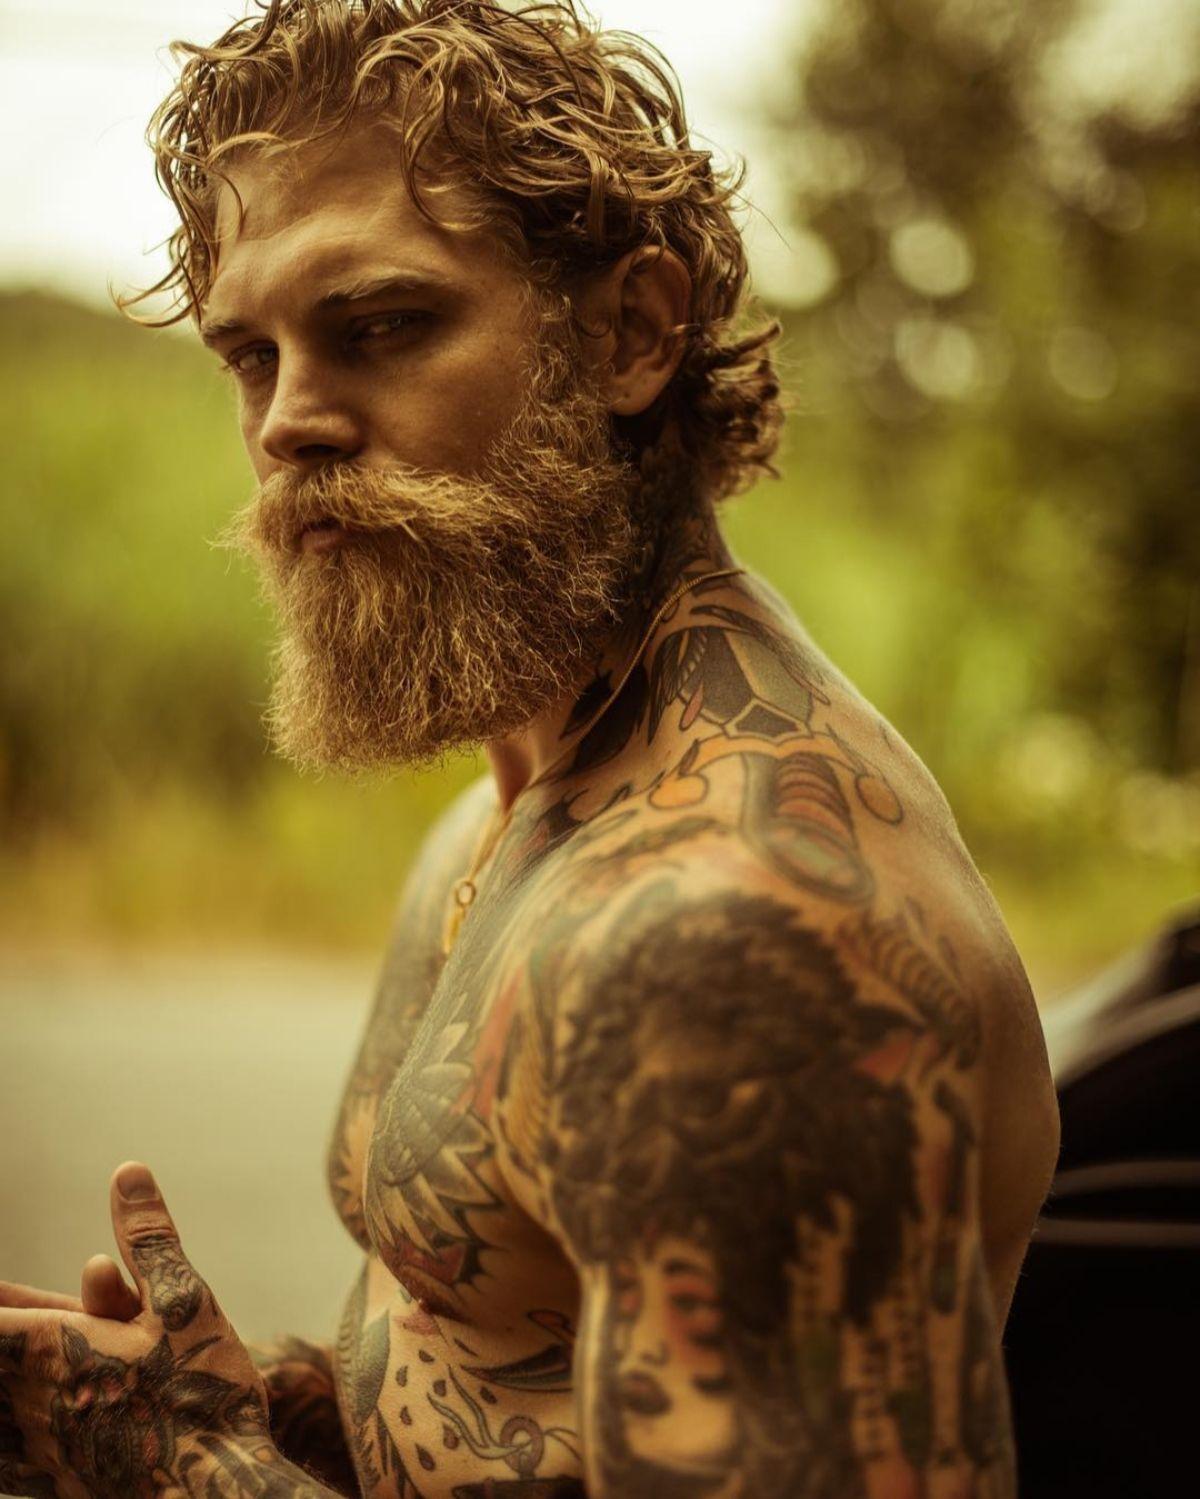 Barba Lenhador Saiba Tudo Sobre Este Estilo Rustico Marco Da Moda Estilos De Cabelo E Barba Barba Sem Bigode Barba E Cabelo